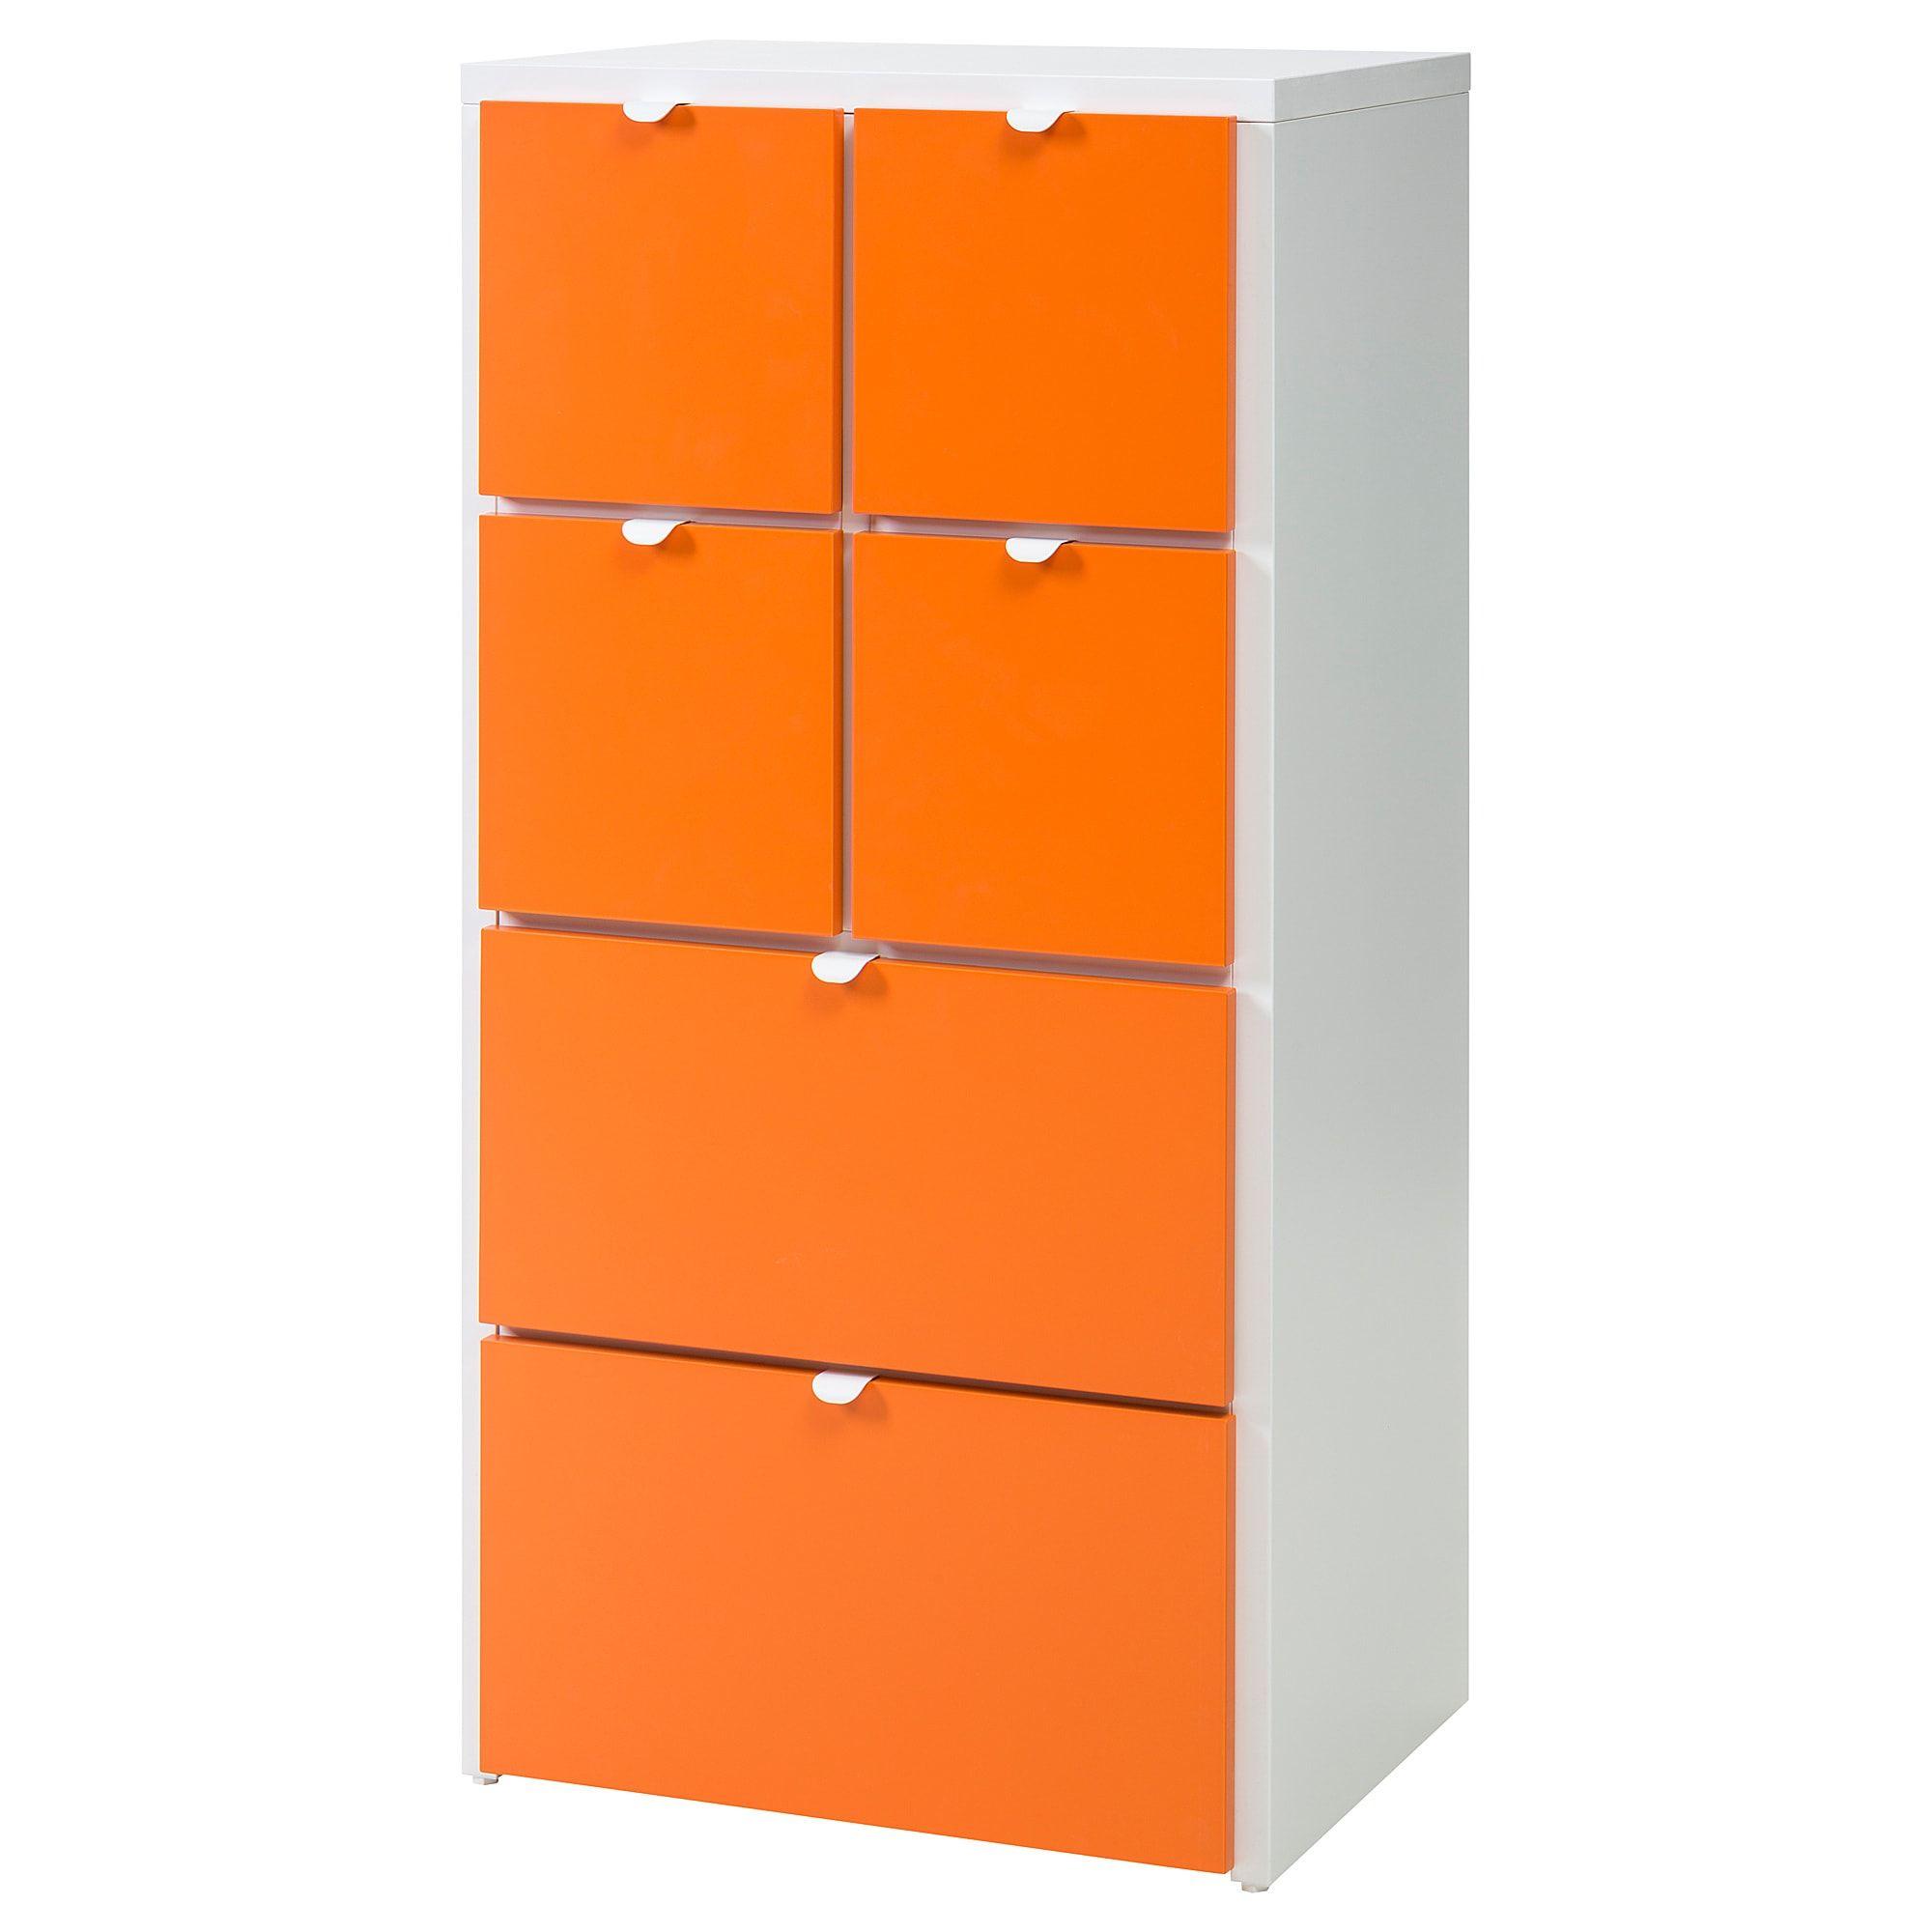 Visthus Kommode Mit 6 Schubladen Weiss Orange Ikea Schubladen